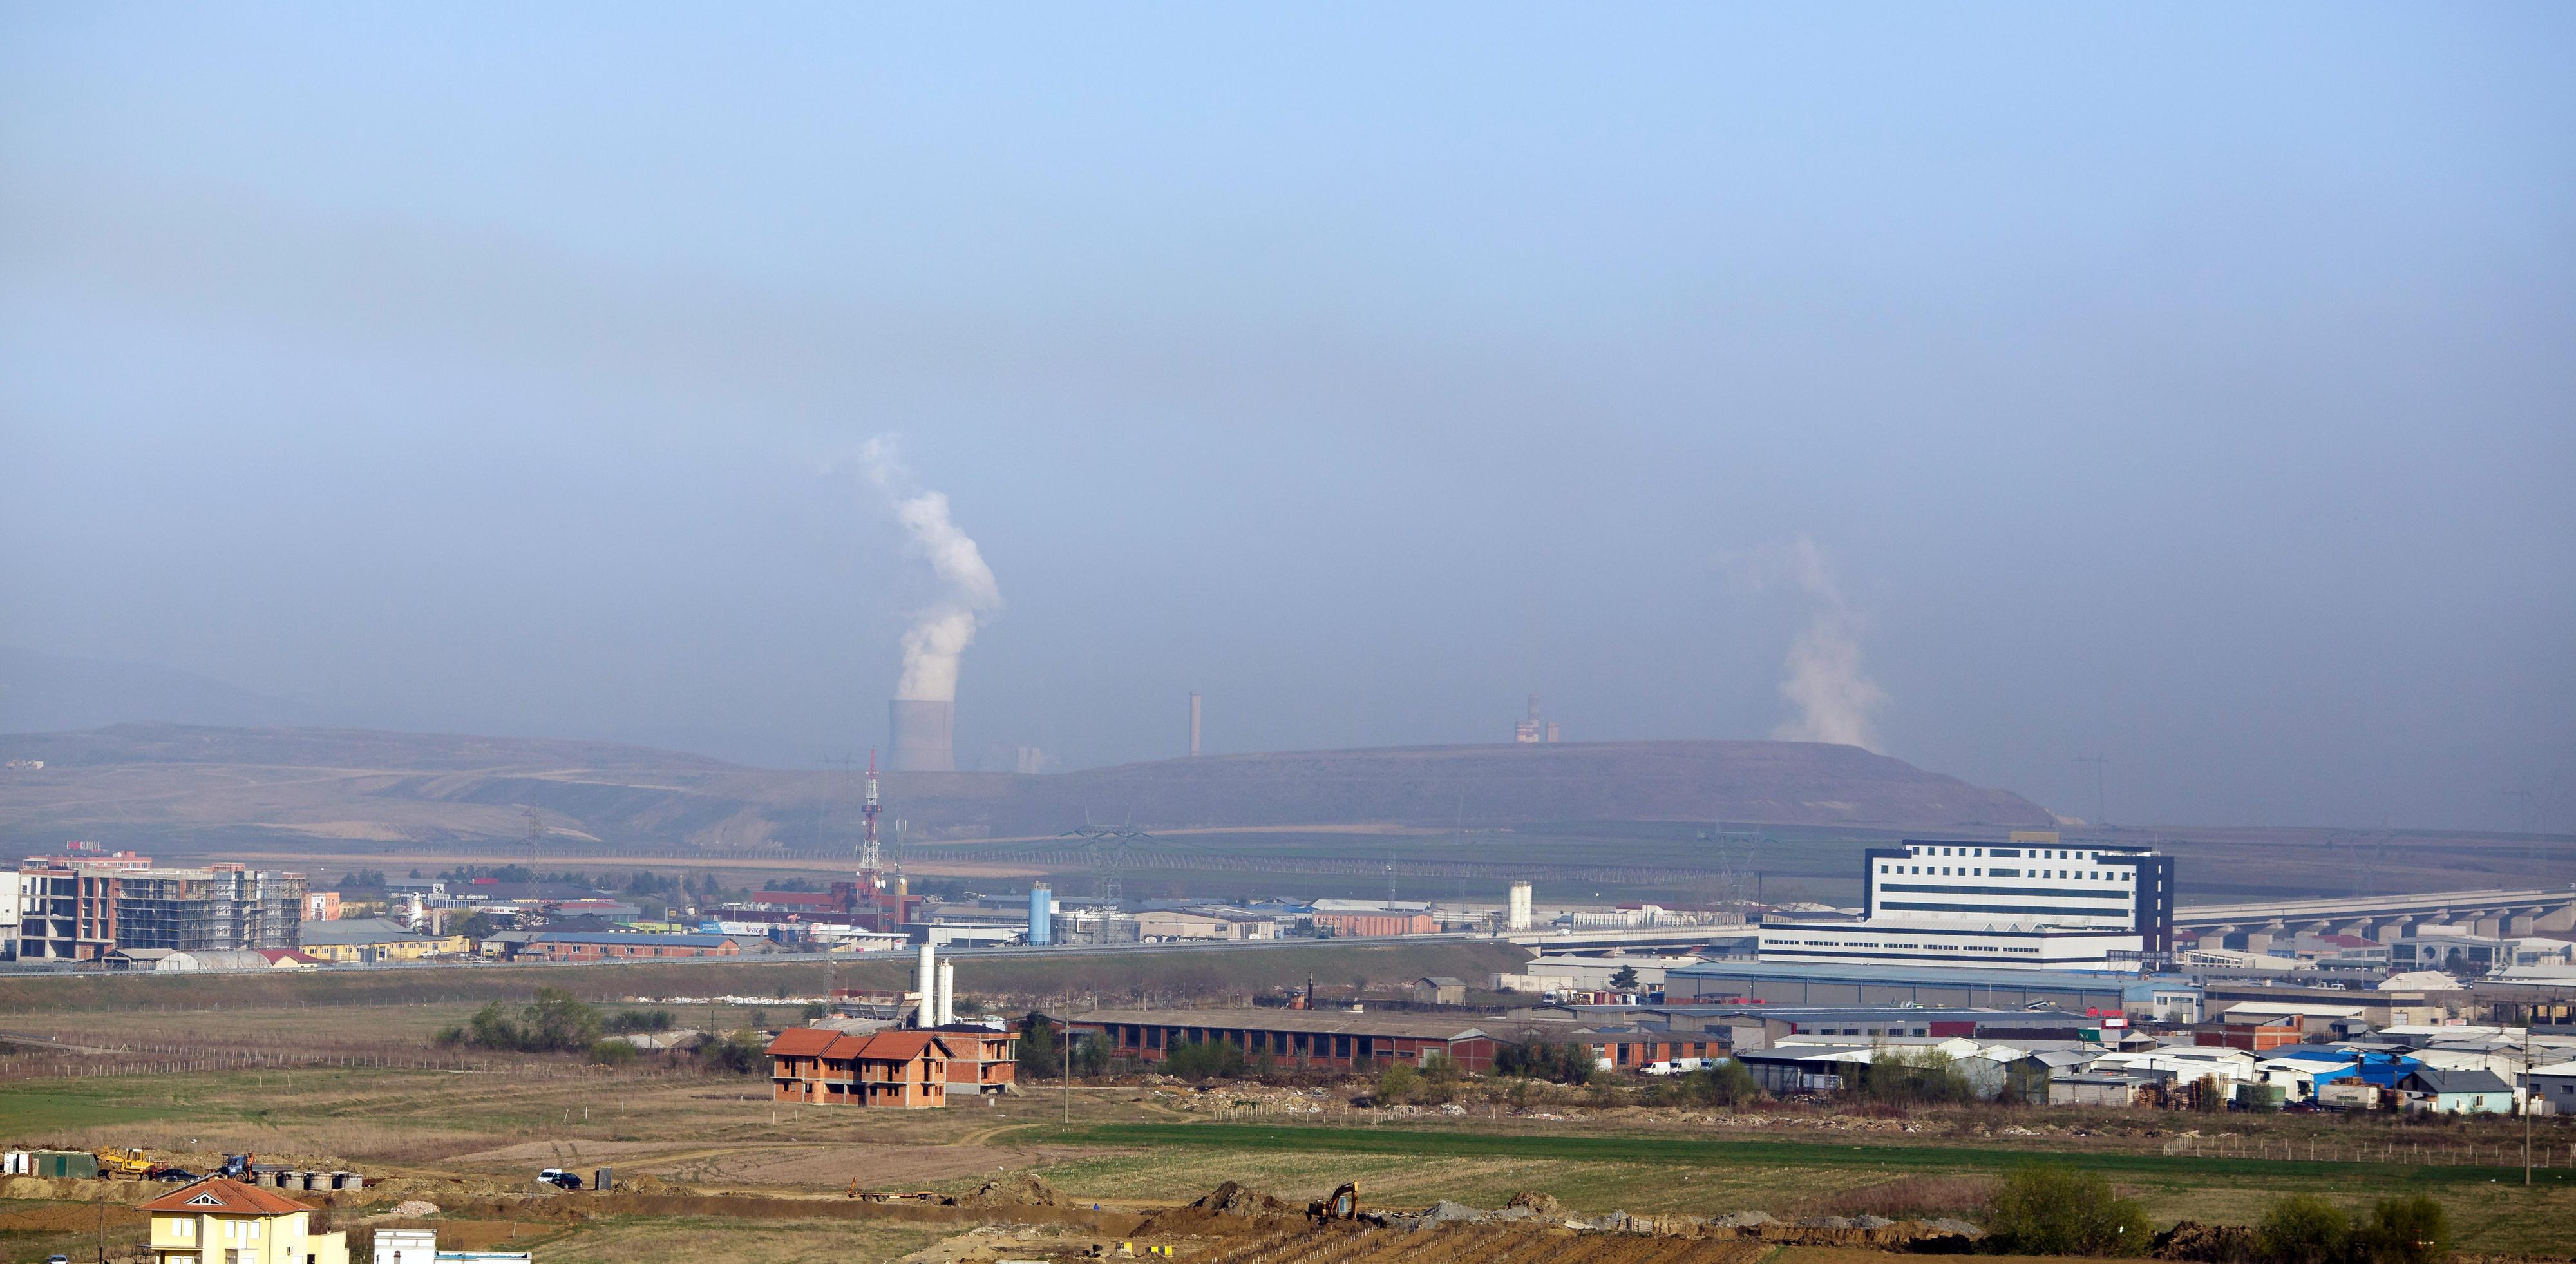 Blick auf ein Kohlekraftwerk bei Pristina, Kosovo